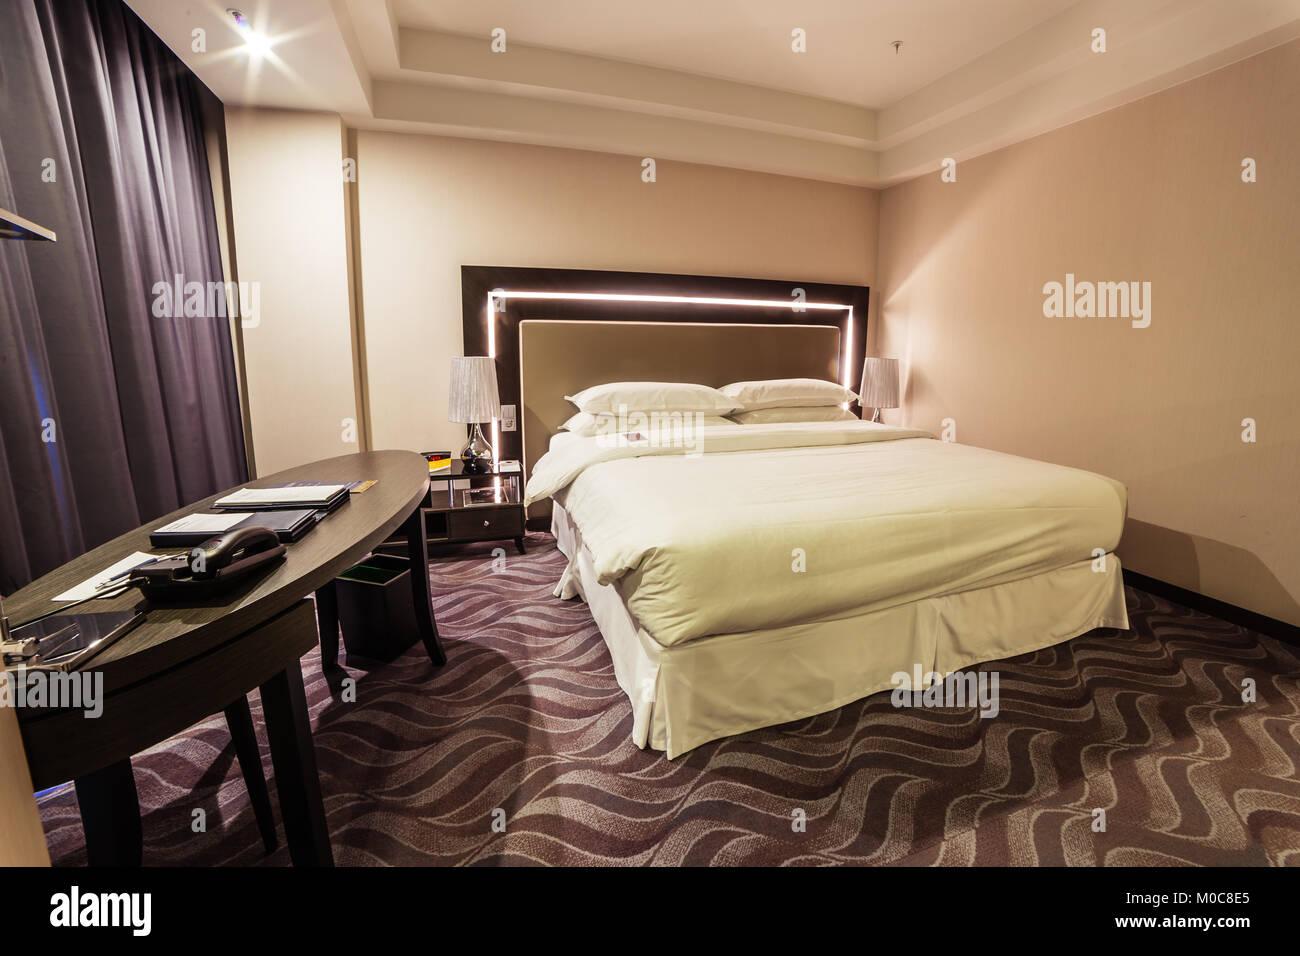 Die Gestaltung Des Innenraums Luxus Hotel Schlafzimmer Stockfoto